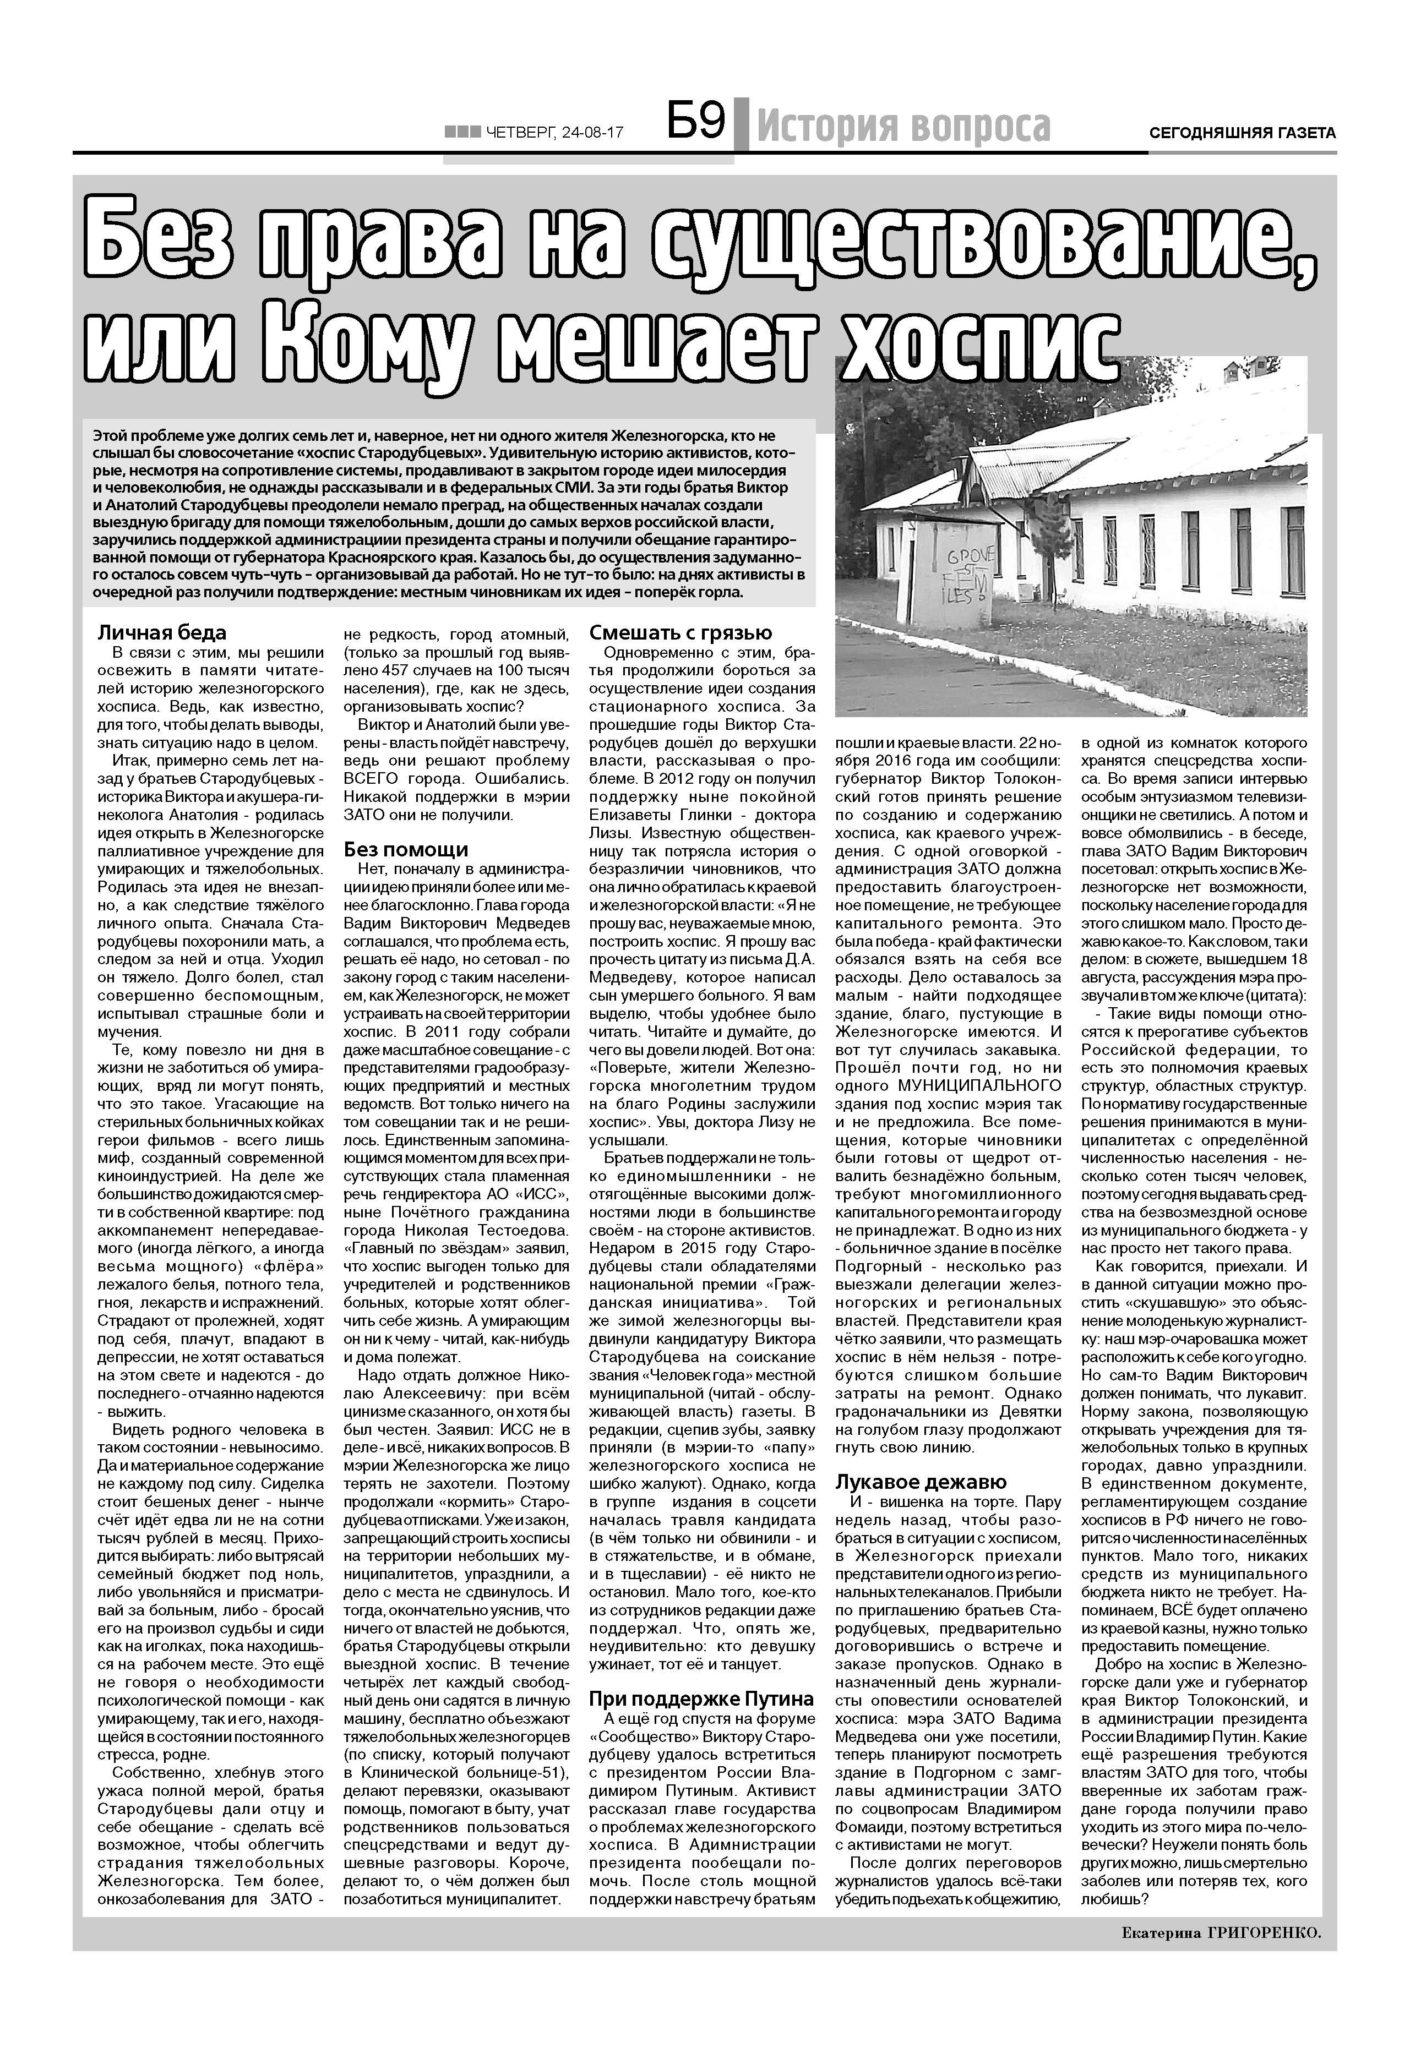 Статья в «Сегодняшней Газете-26» от 24-08-17